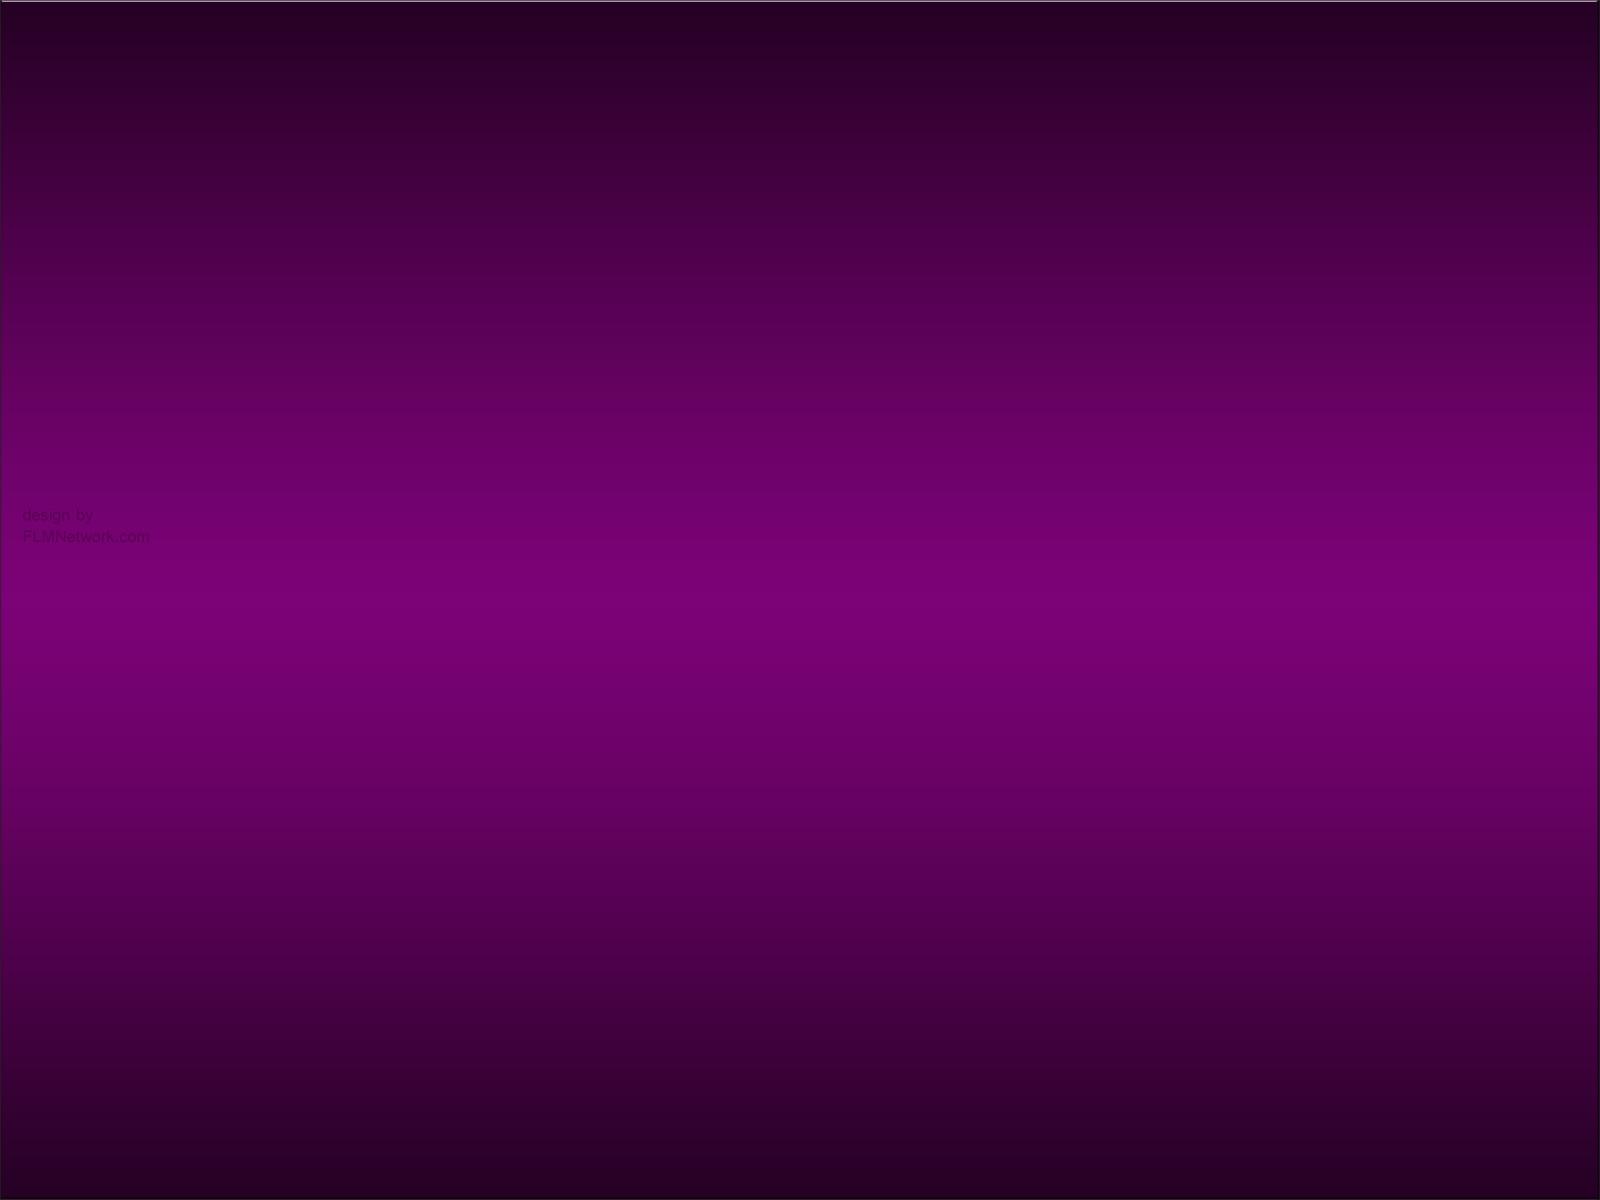 Purple Color Backgrounds 1600x1200